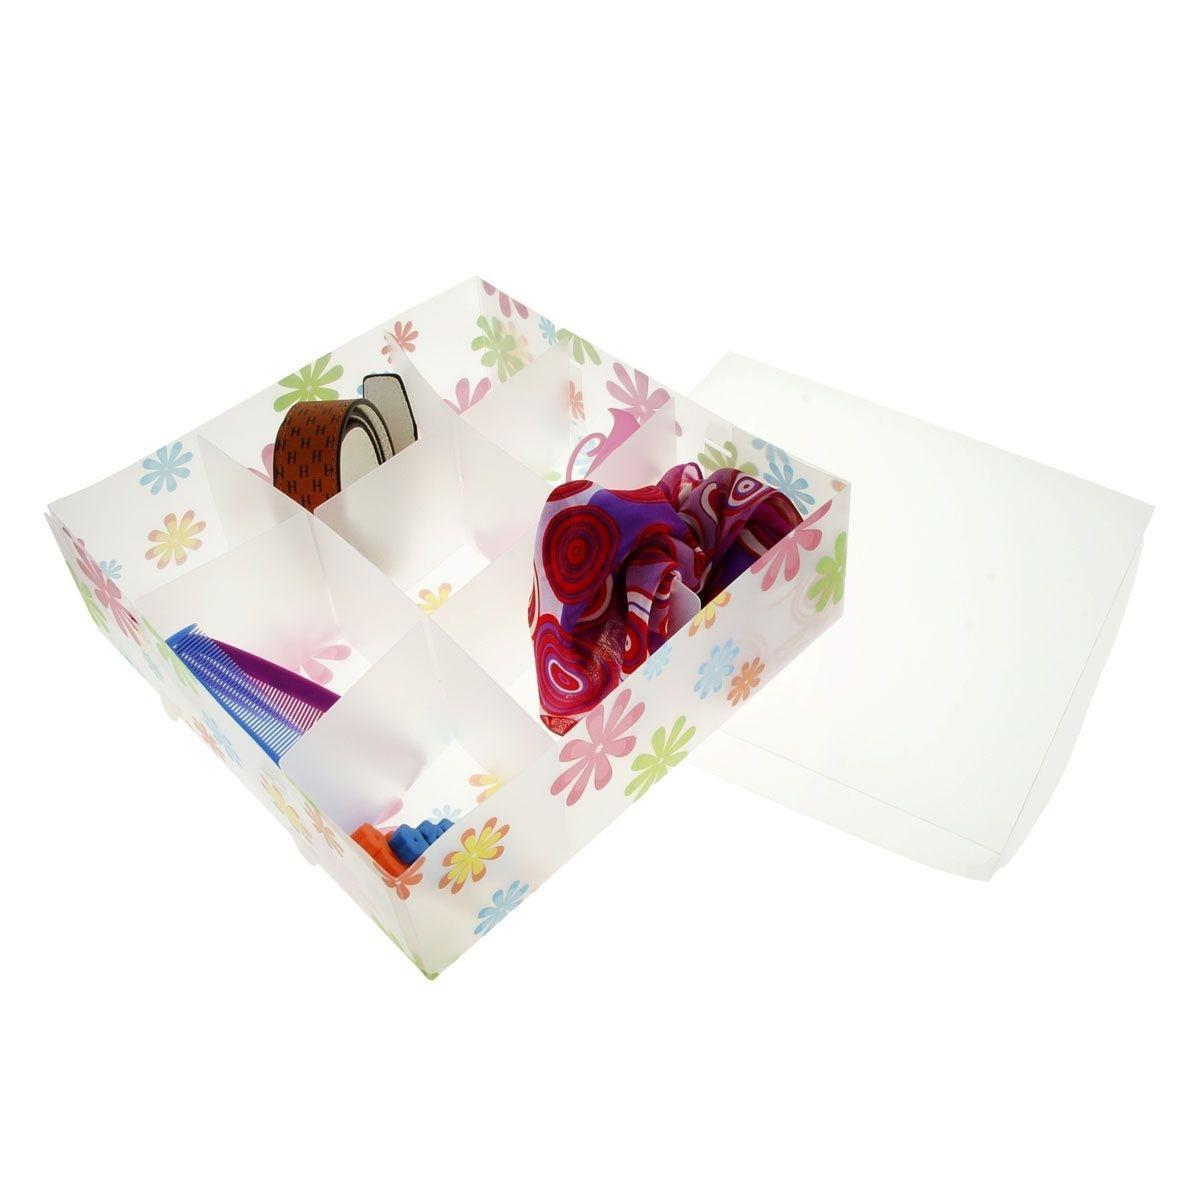 короб для хранения 30*30*10, 9 ячеек, с крышкой, цветочки 608991UP210DFКоробка для мелочей изготовлена из прочного пластика. Предназначена для хранения мелких бытовых мелочей, принадлежностей для шитья и т.д. Коробка оснащена плотно закрывающейся крышкой, которая предотвратит просыпание и потерю мелких вещиц.Коробка для мелочей сохранит ваши вещи в порядке. Материал: Пластик